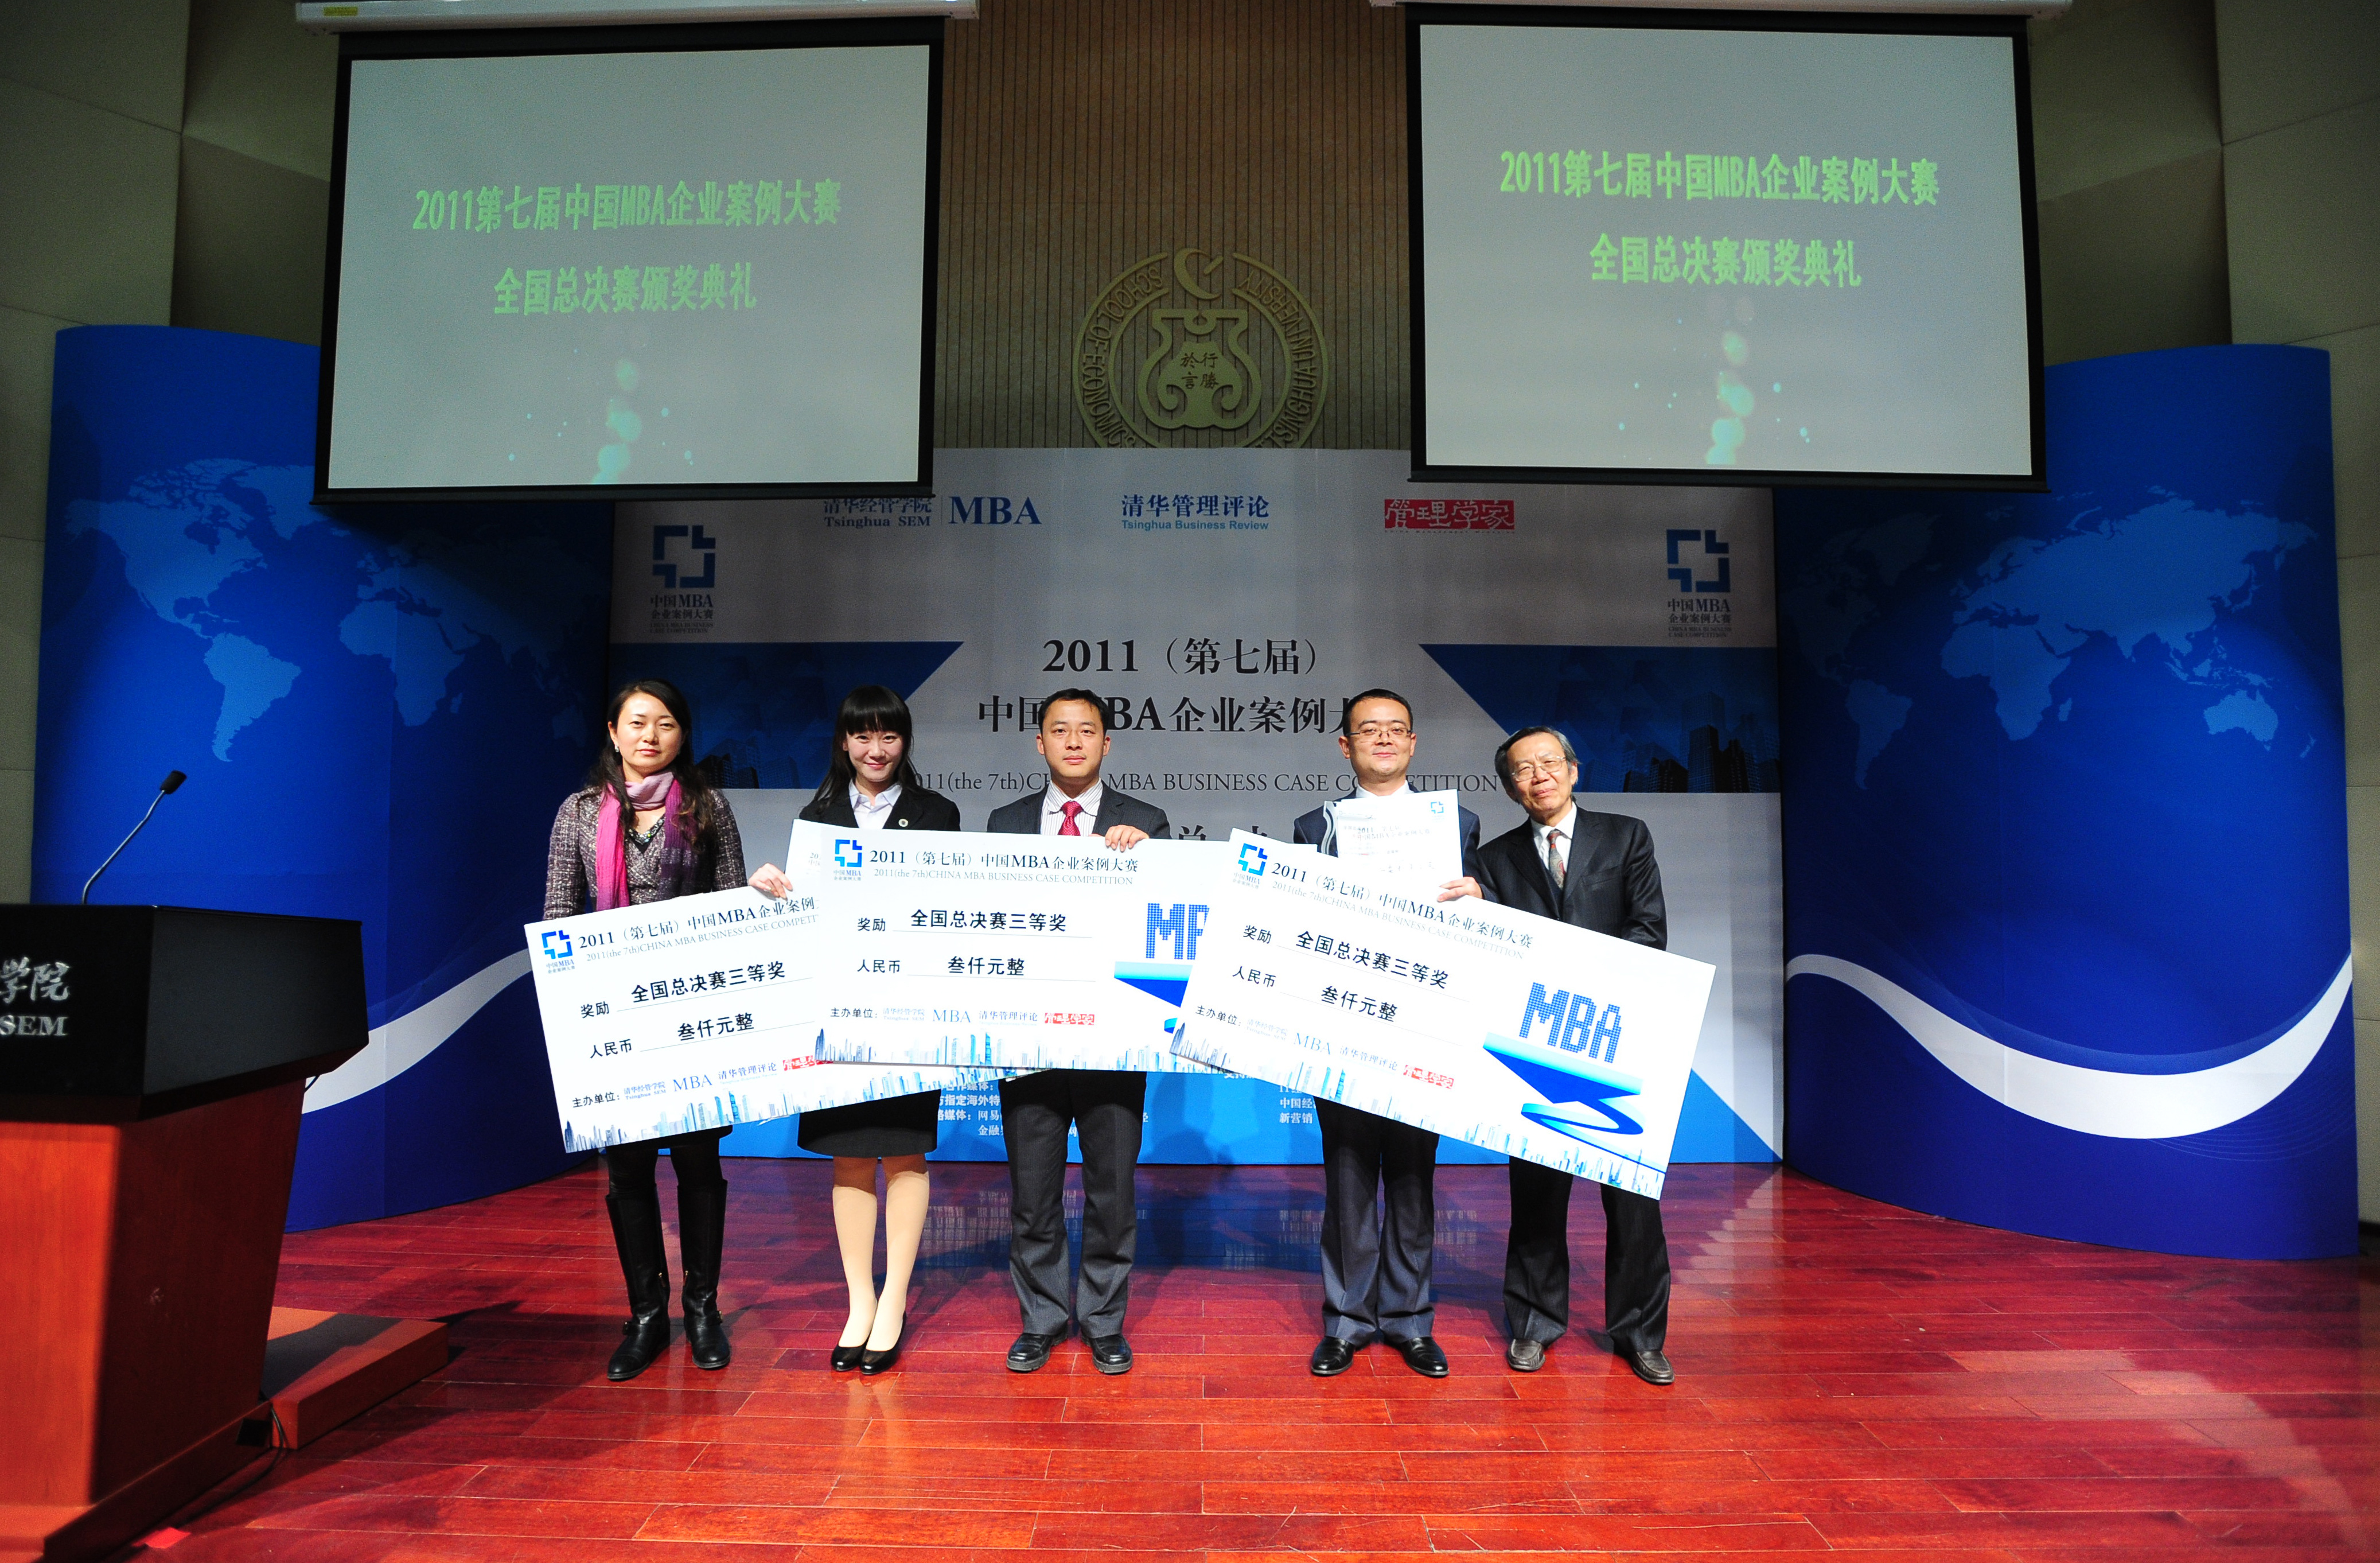 北京邮电大学和湖南大学工业设计各自的优势在哪图片